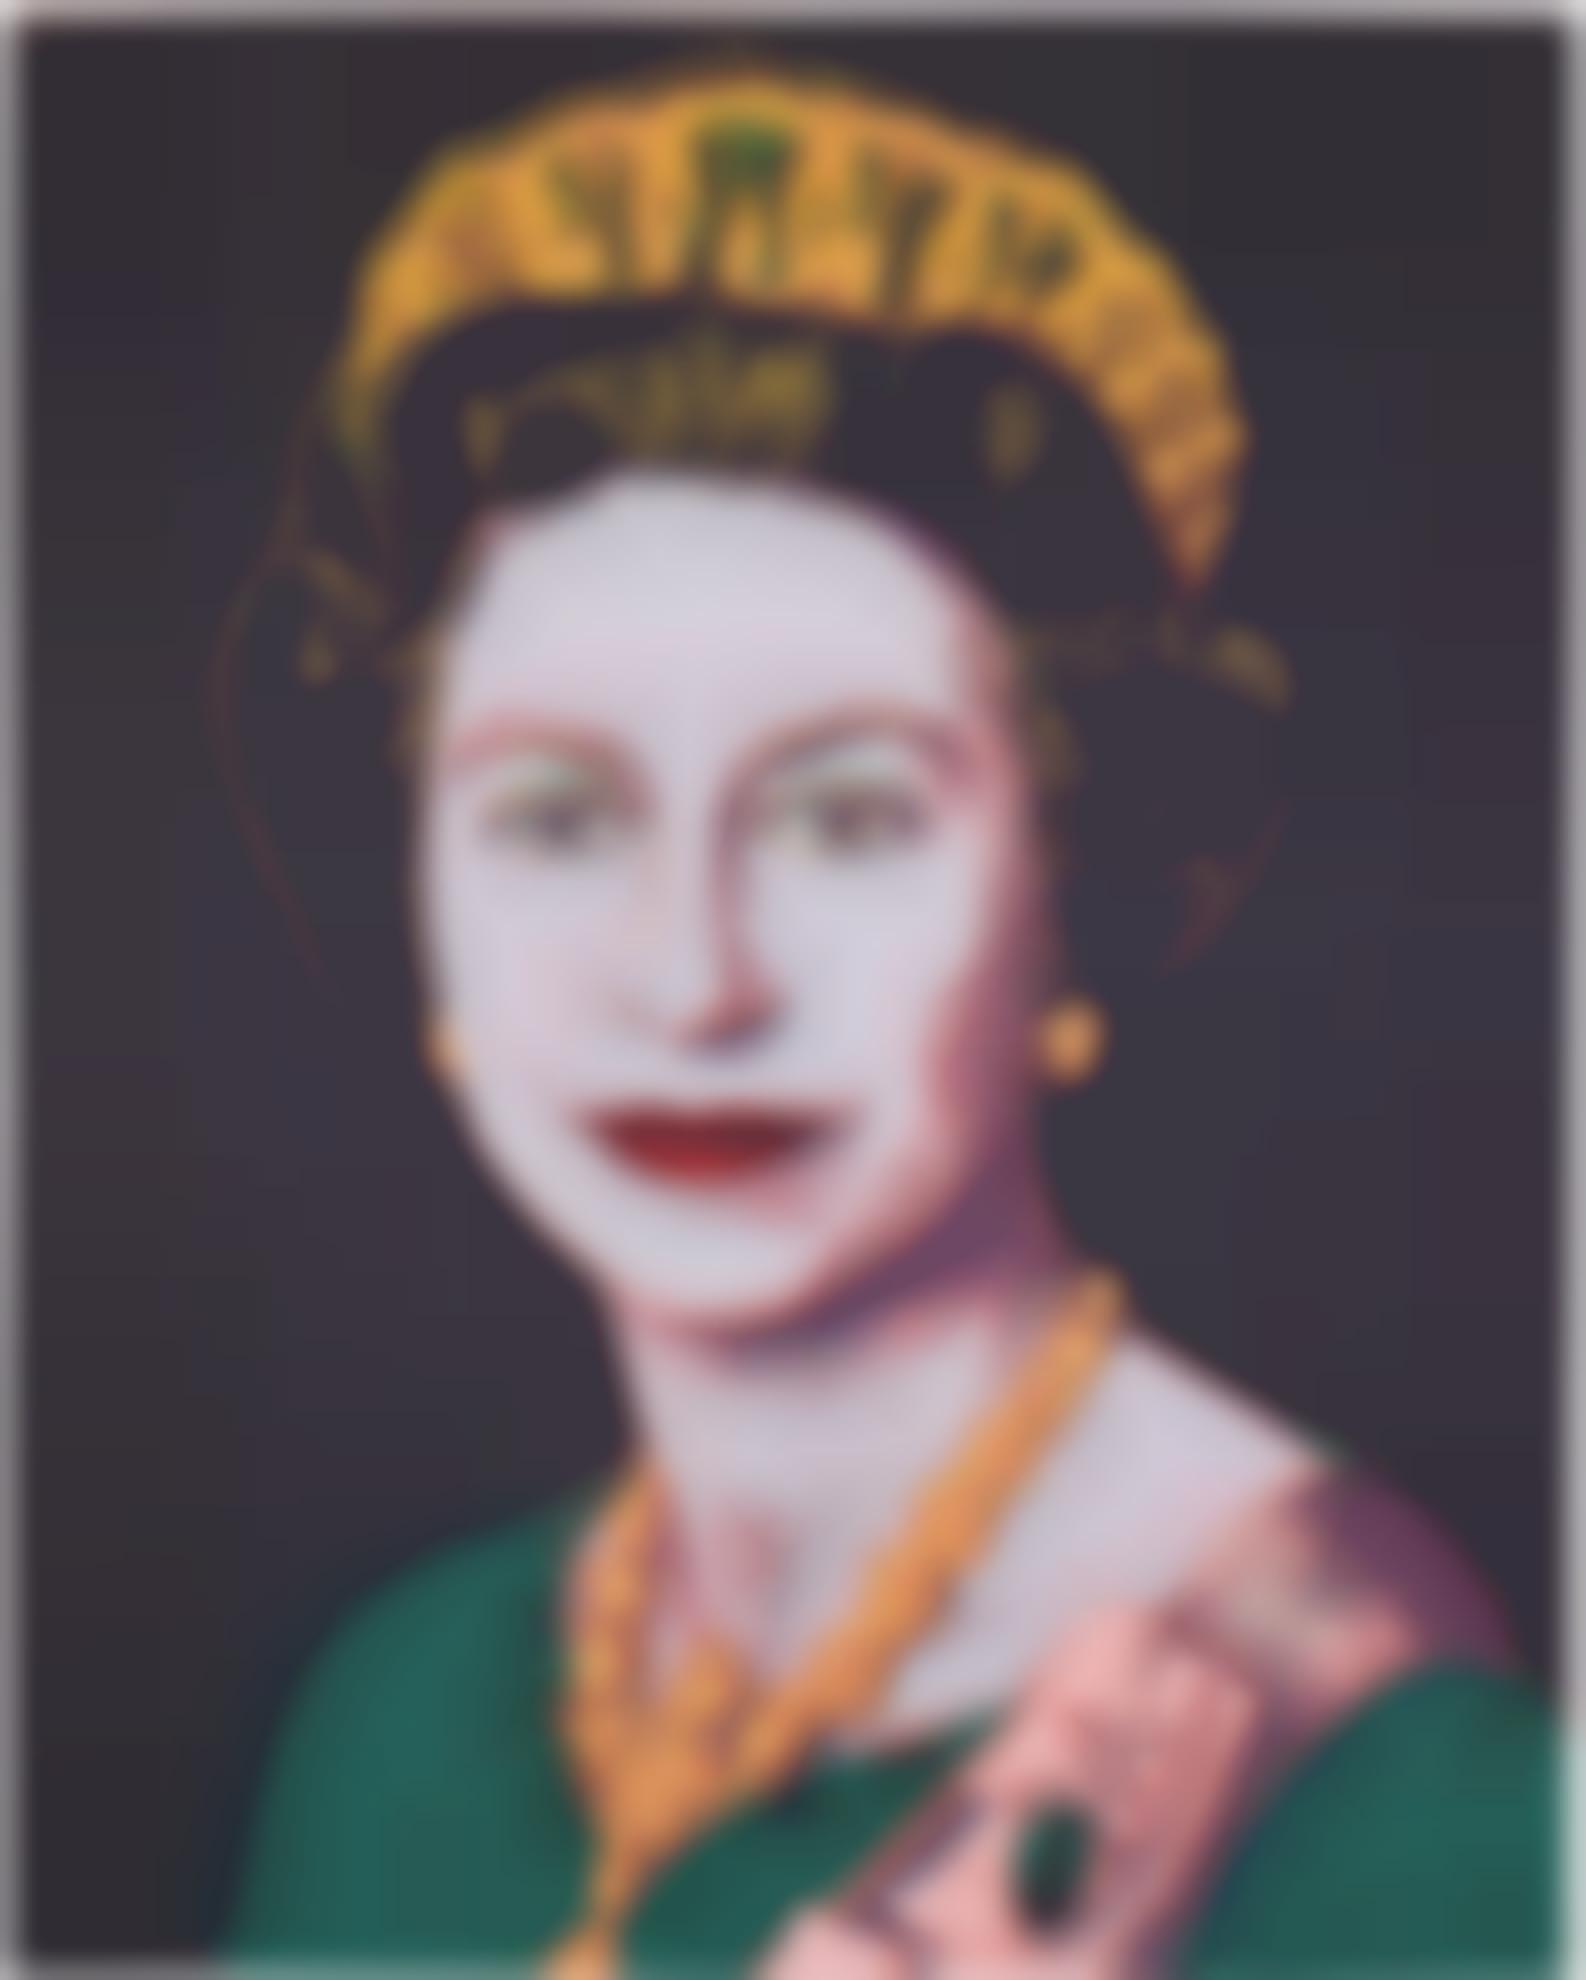 Andy Warhol-Queen Elizabeth II (See F. & S. IIb.334-337)-1985